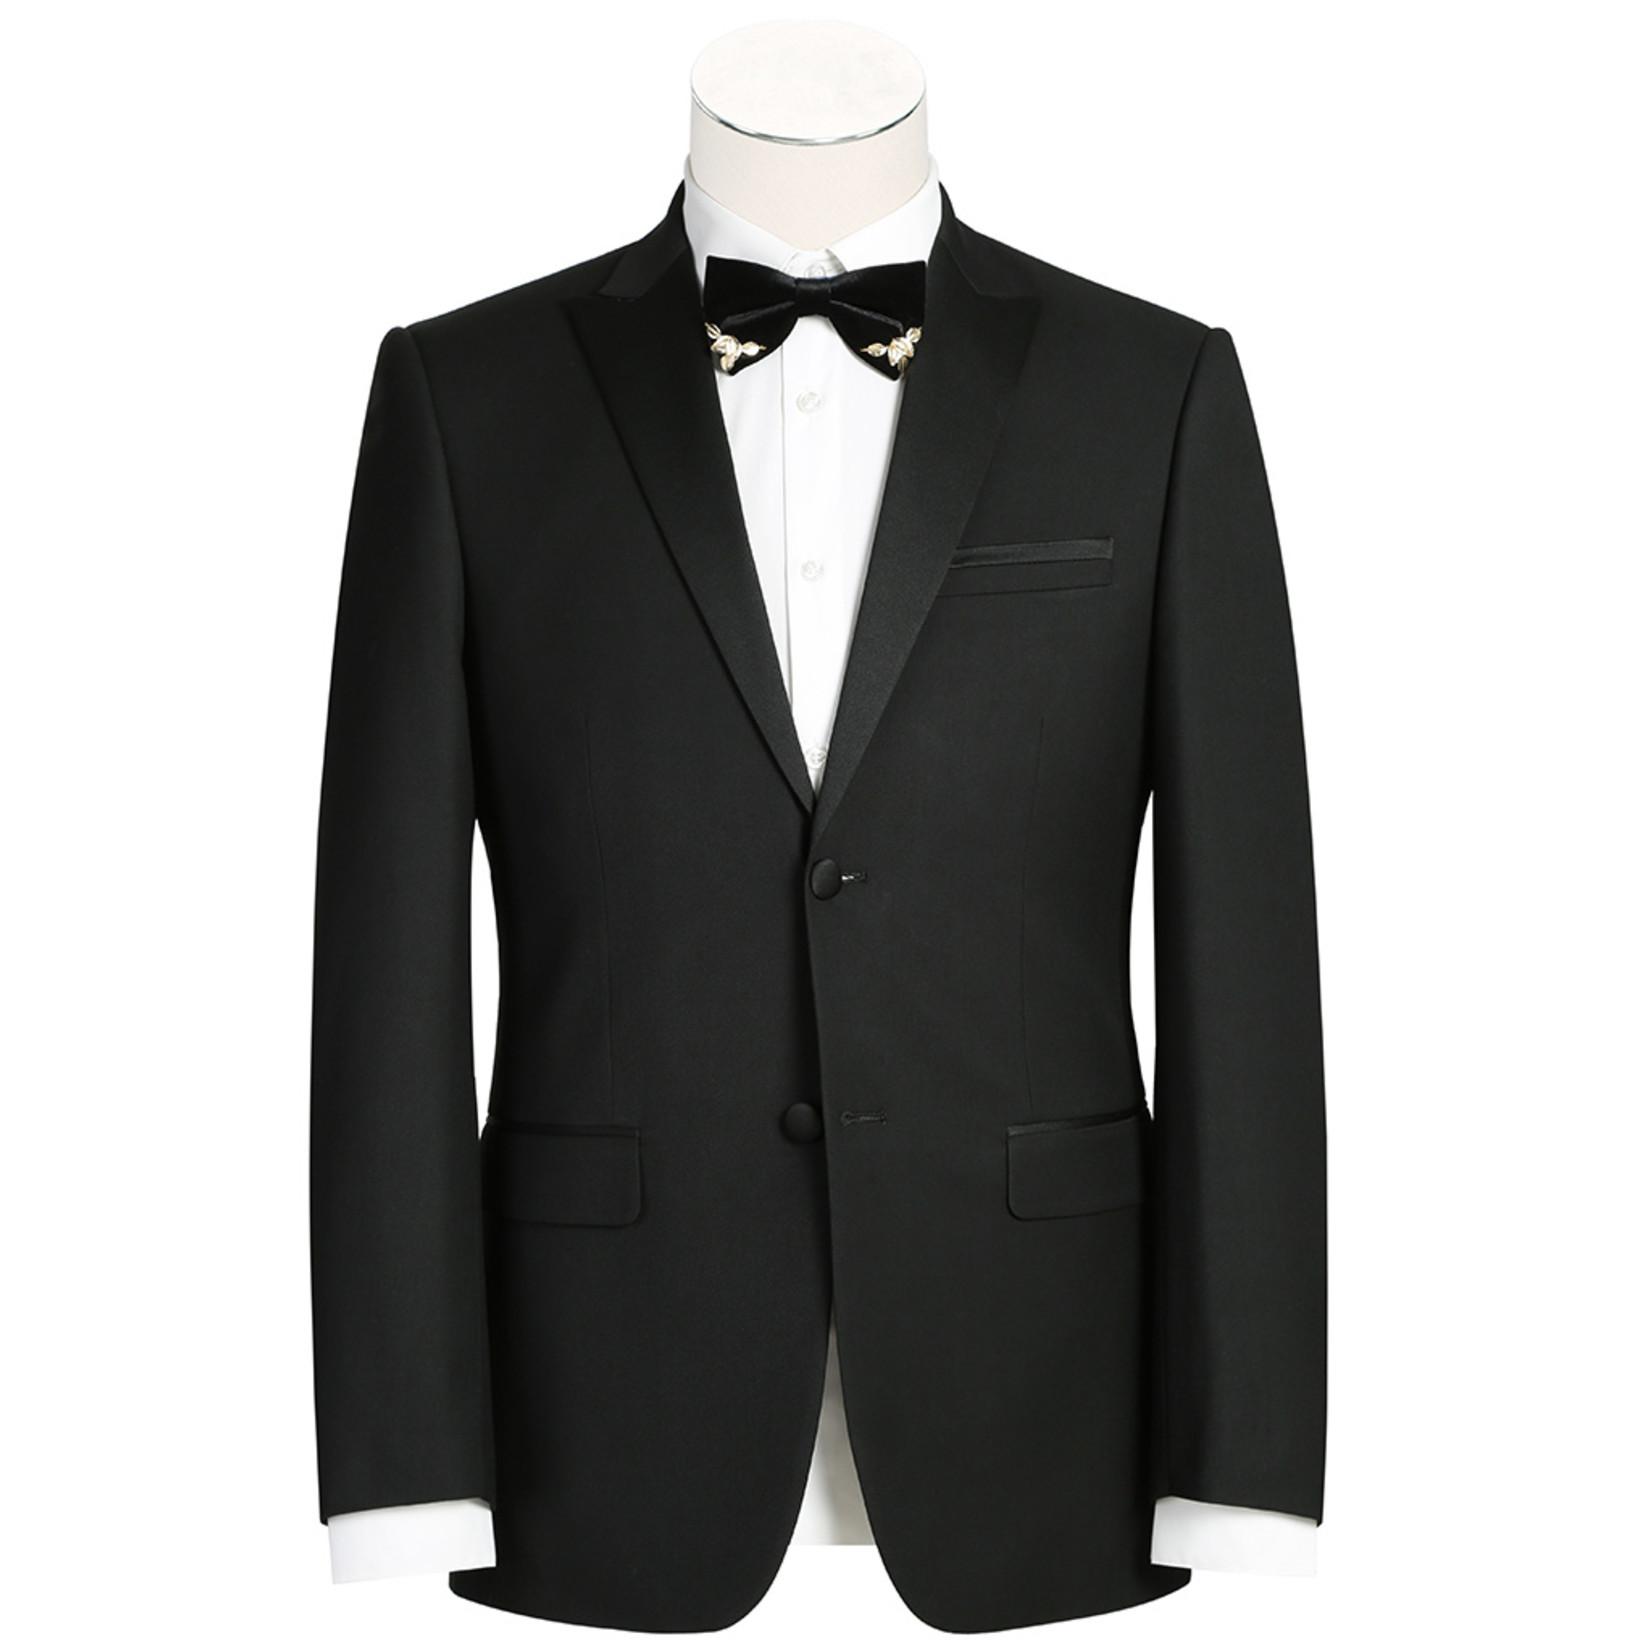 Renoir Renoir Slim Fit Tuxedo 201-1 Black